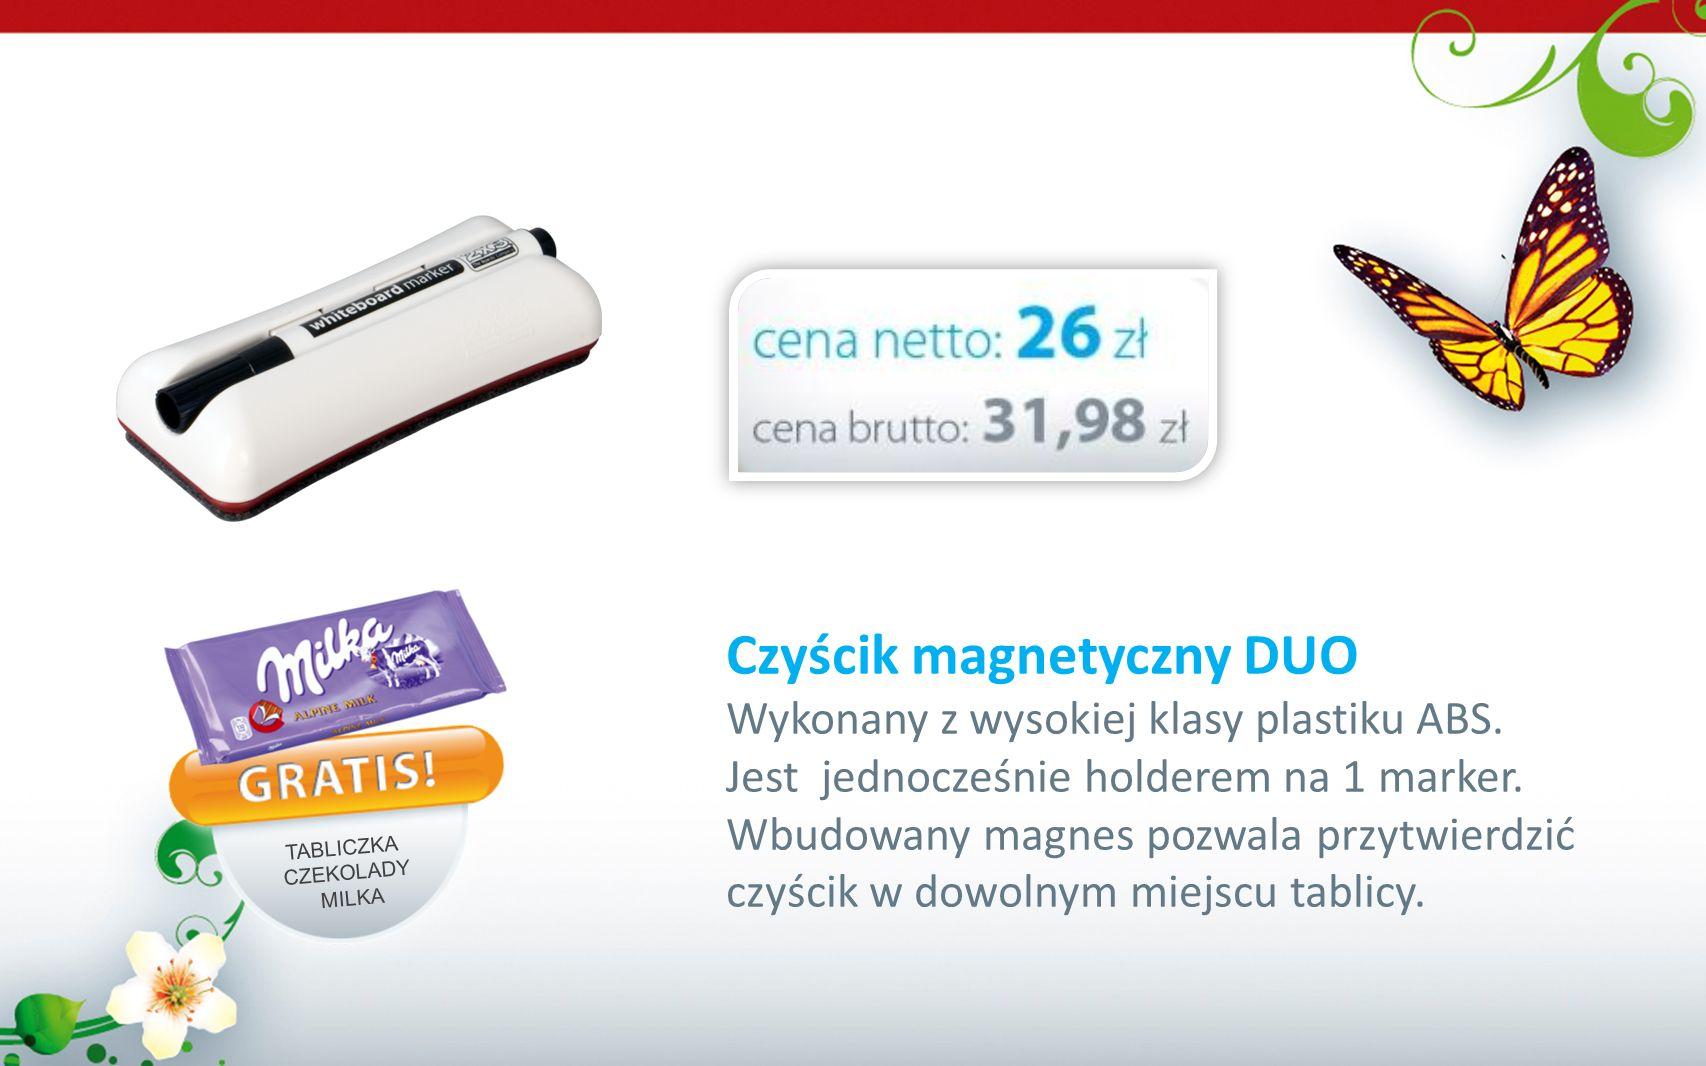 Czyścik magnetyczny DUO Wykonany z wysokiej klasy plastiku ABS. Jest jednocześnie holderem na 1 marker. Wbudowany magnes pozwala przytwierdzić czyścik